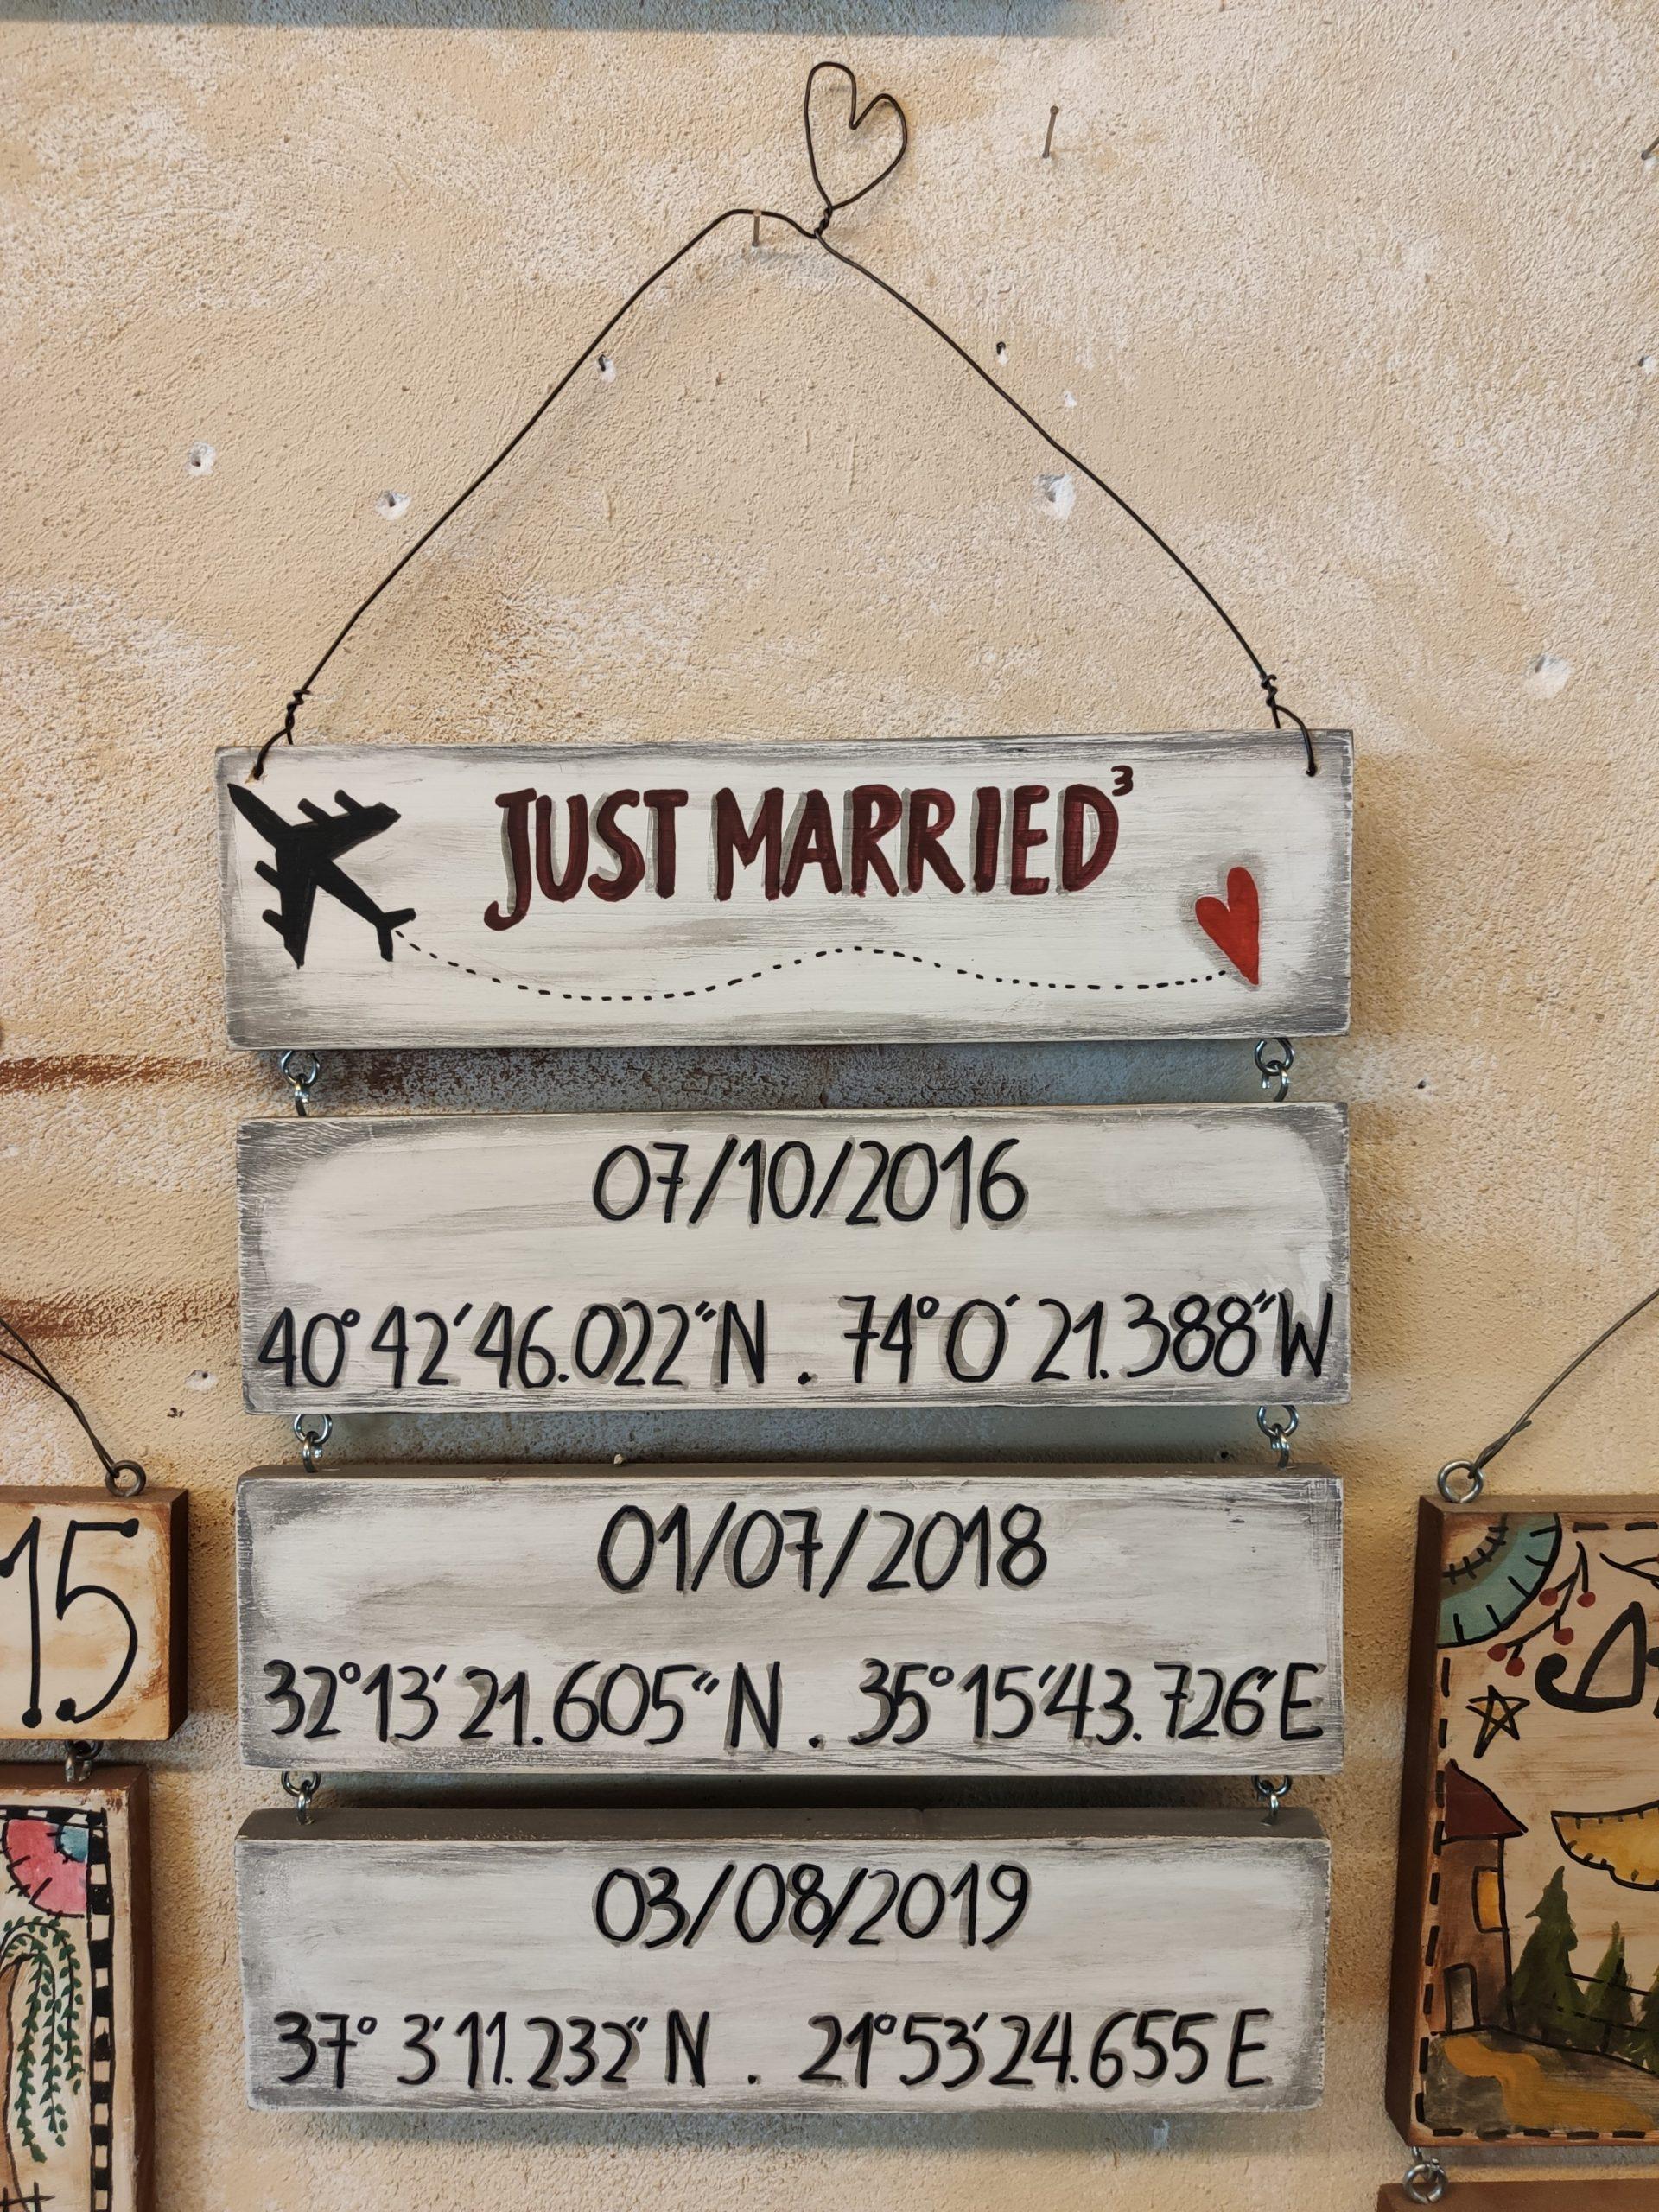 Γάμος …x3 / wedding in 3 places of the world!